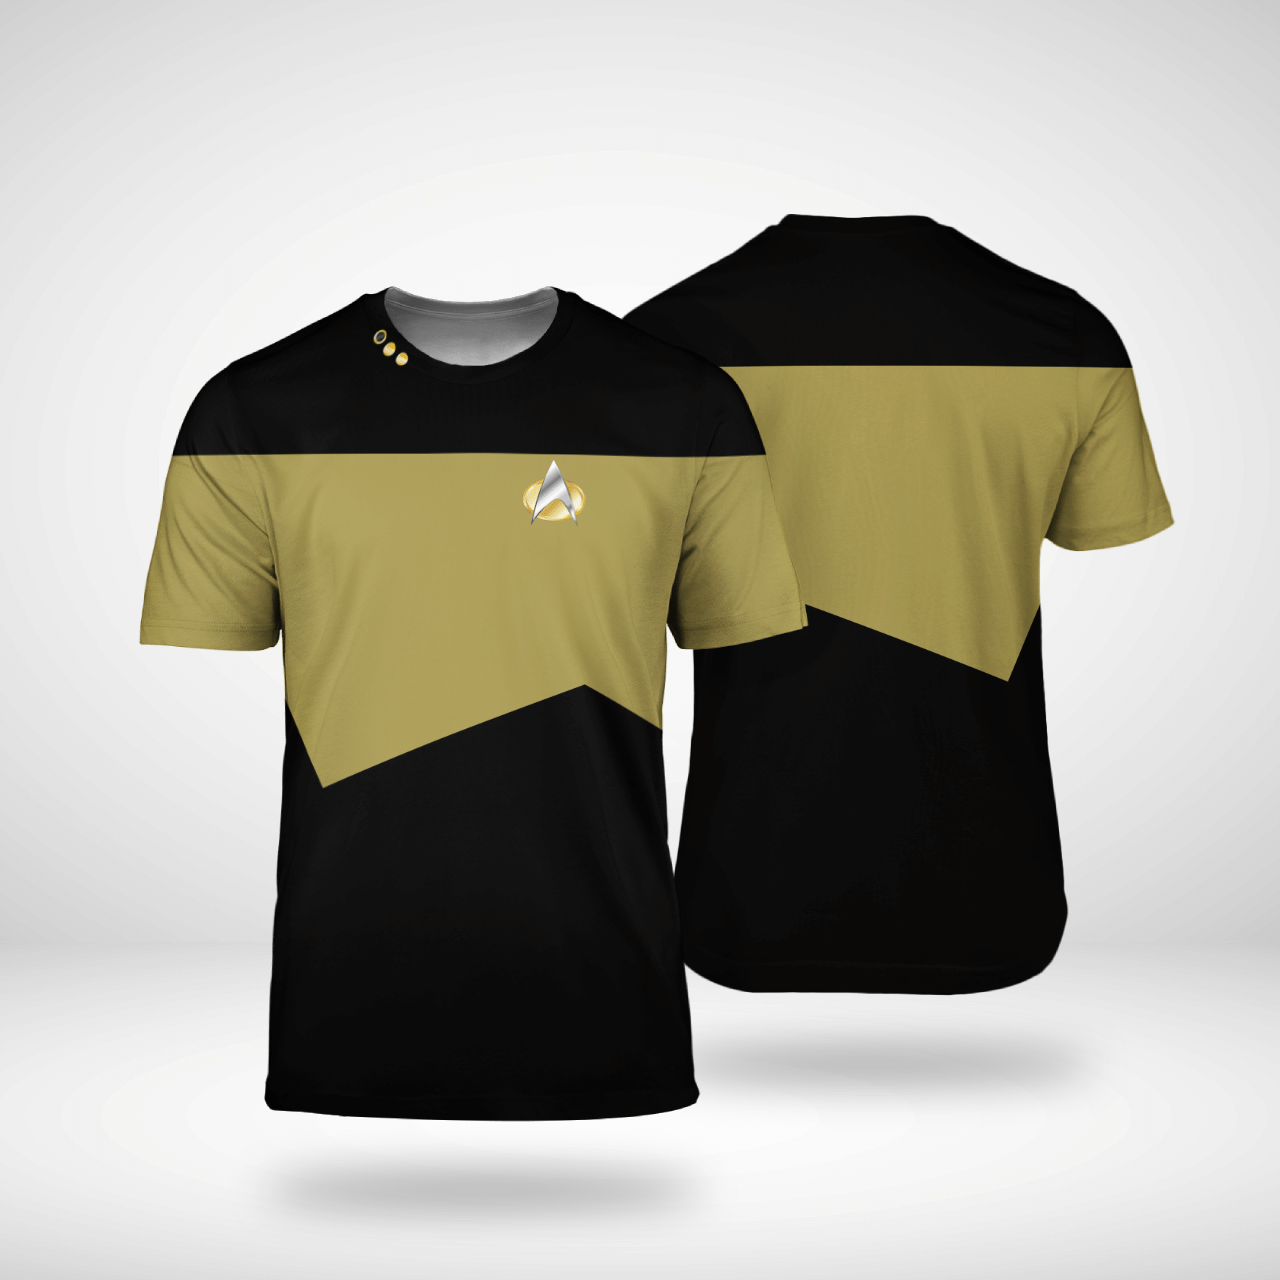 Star Trek Chief engineer 3d shirt